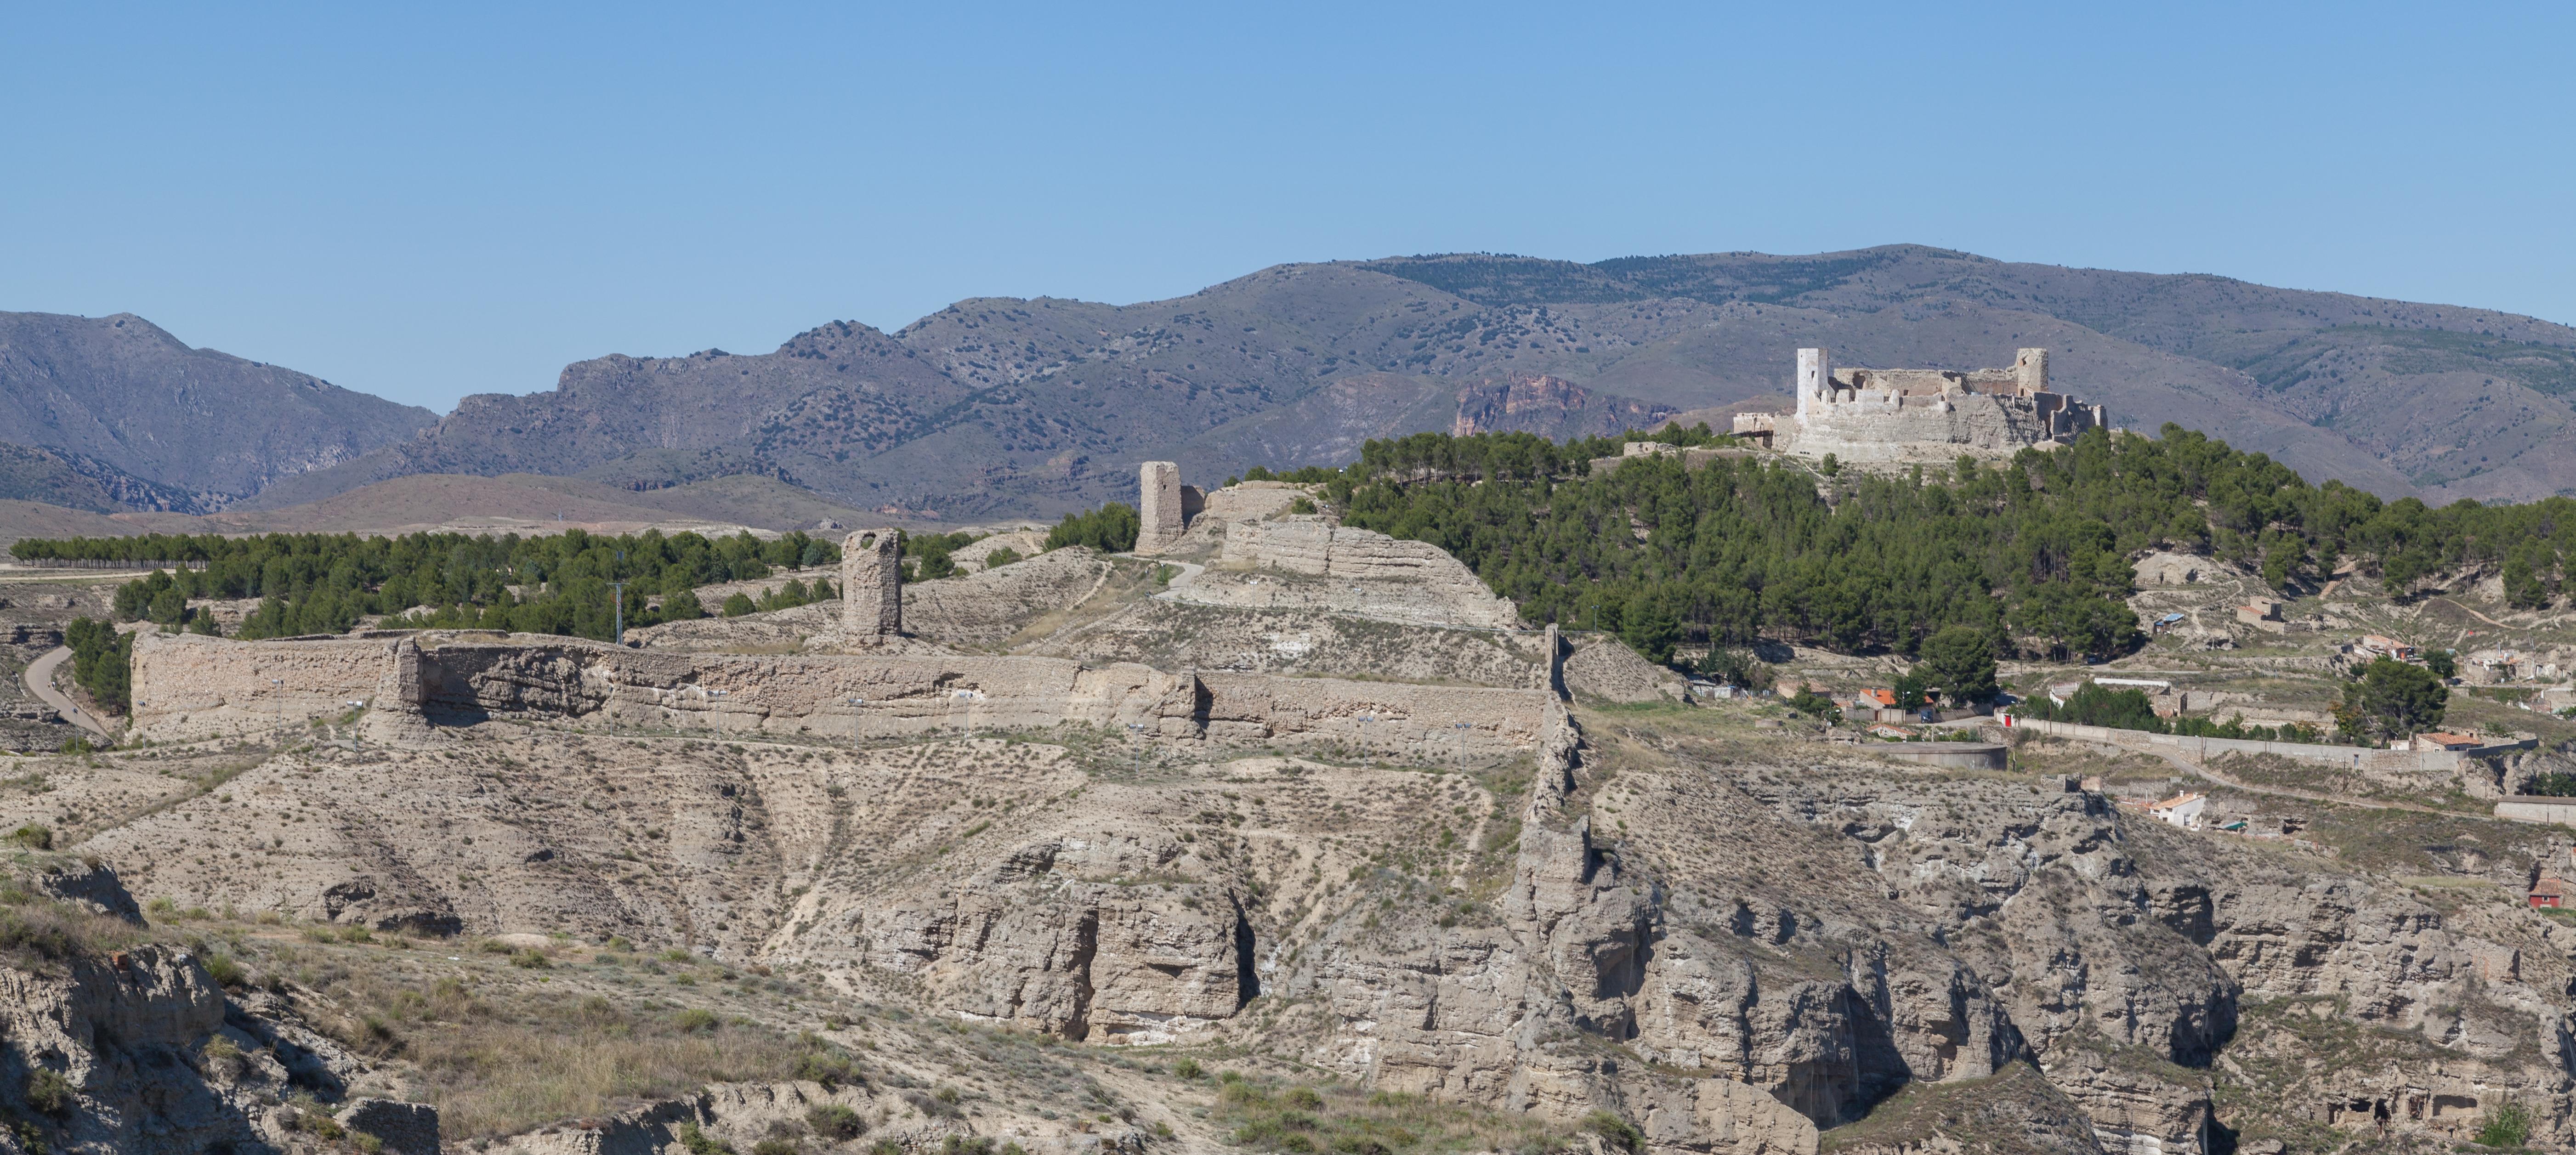 File castillo de ayyub calatayud arag n espa a 2014 07 - Castillo de ayud calatayud ...